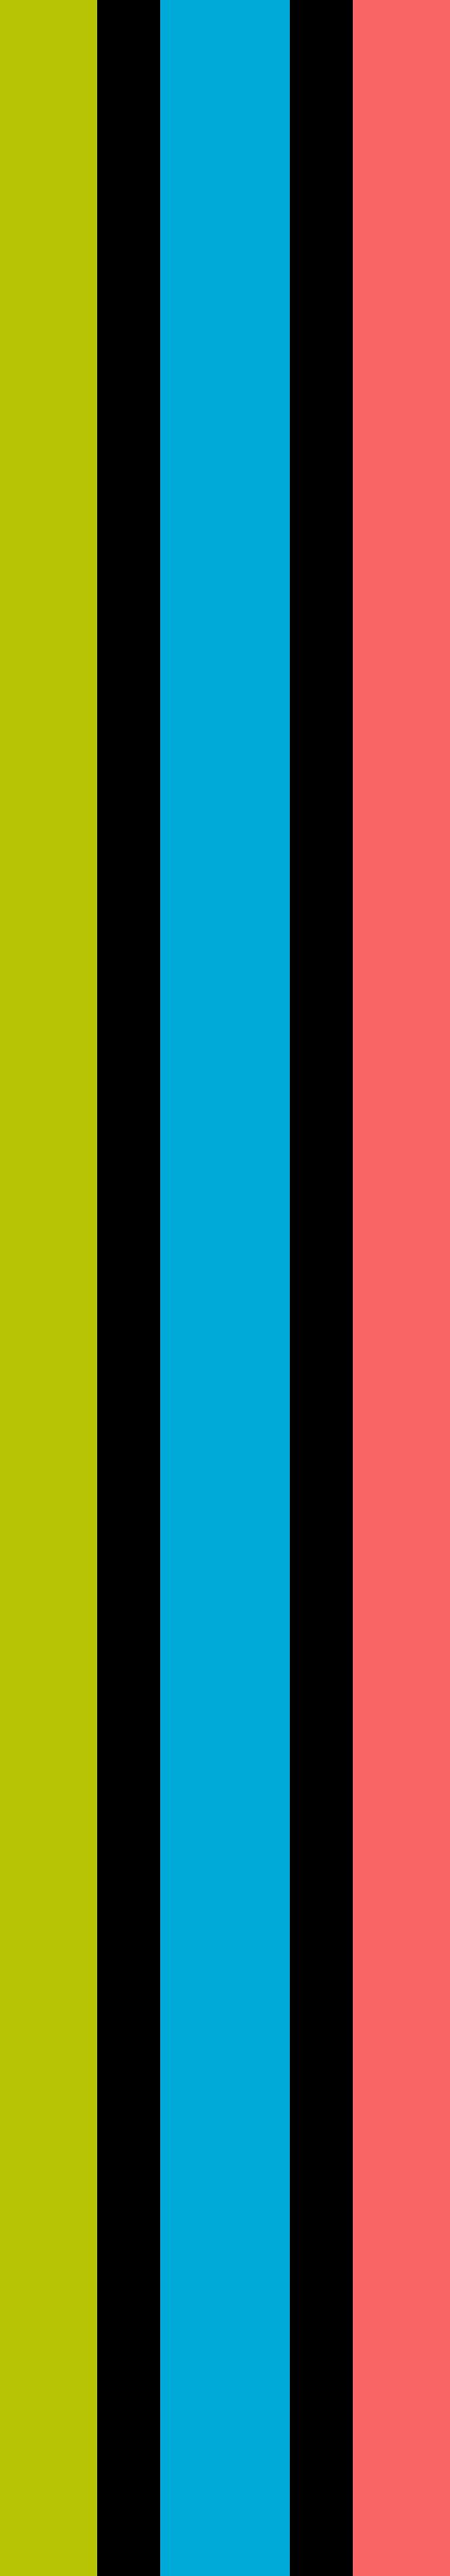 字母I三色logo设计素材